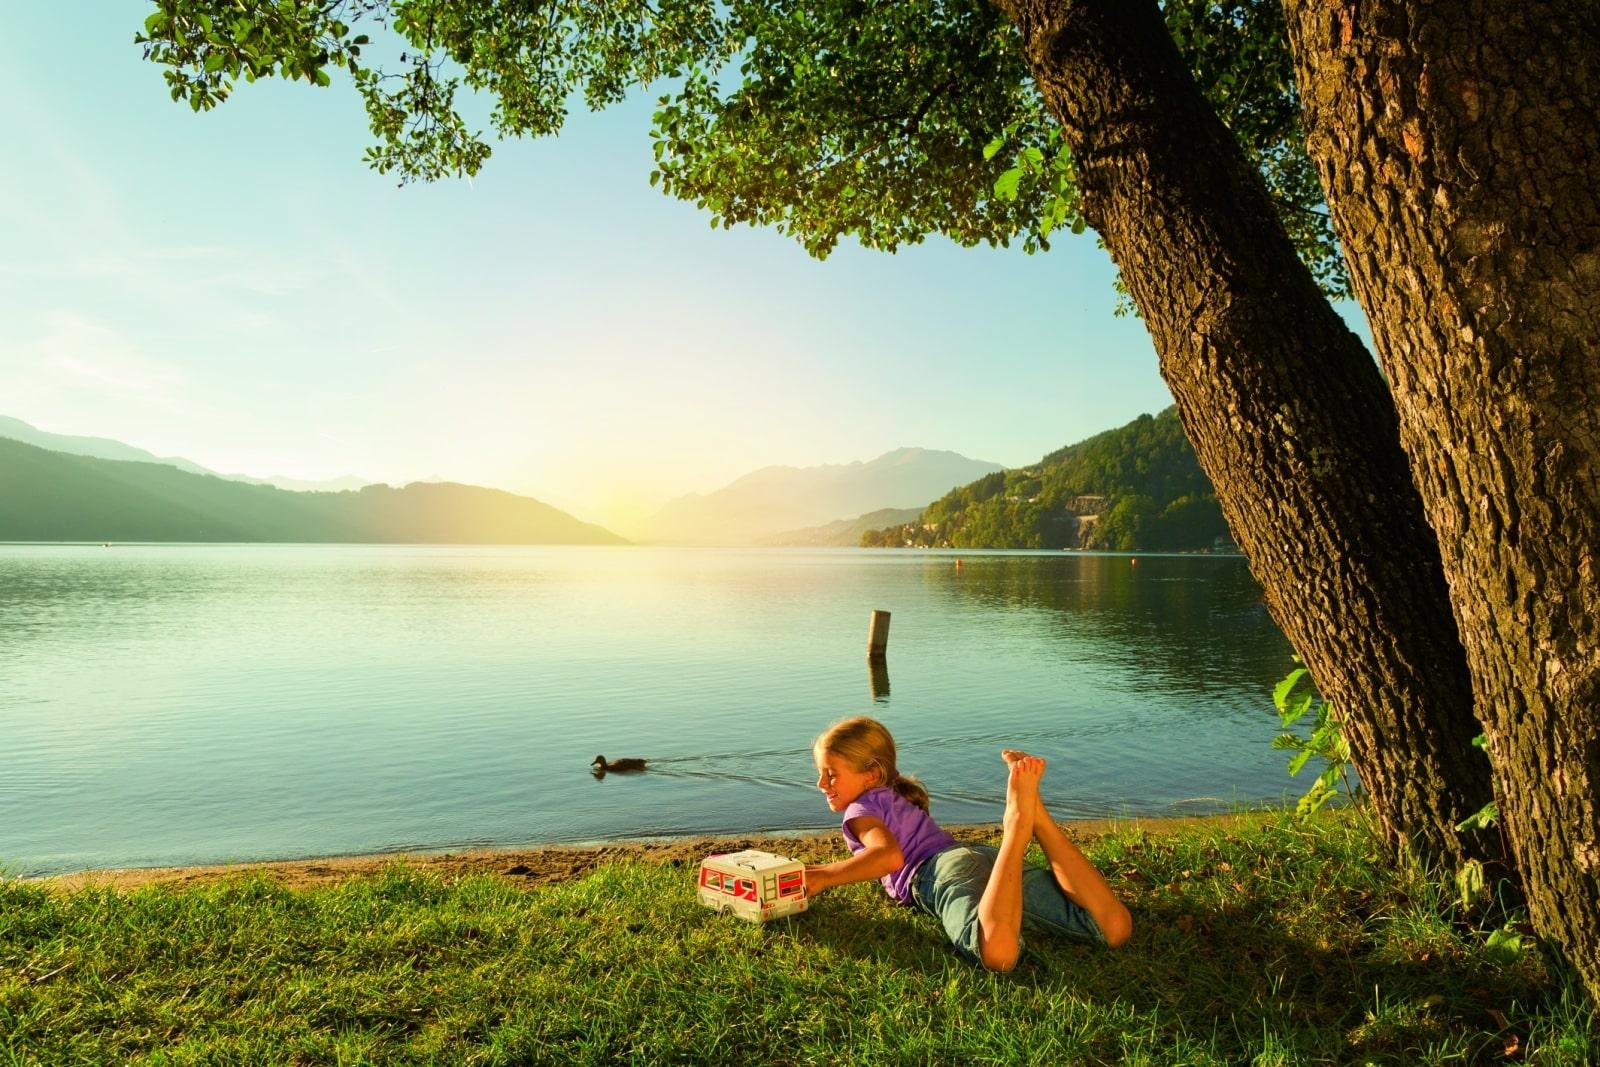 Heidi-Chalet-Falkert-Heidialm-Natur-See-Baden-Relaxen-Baum